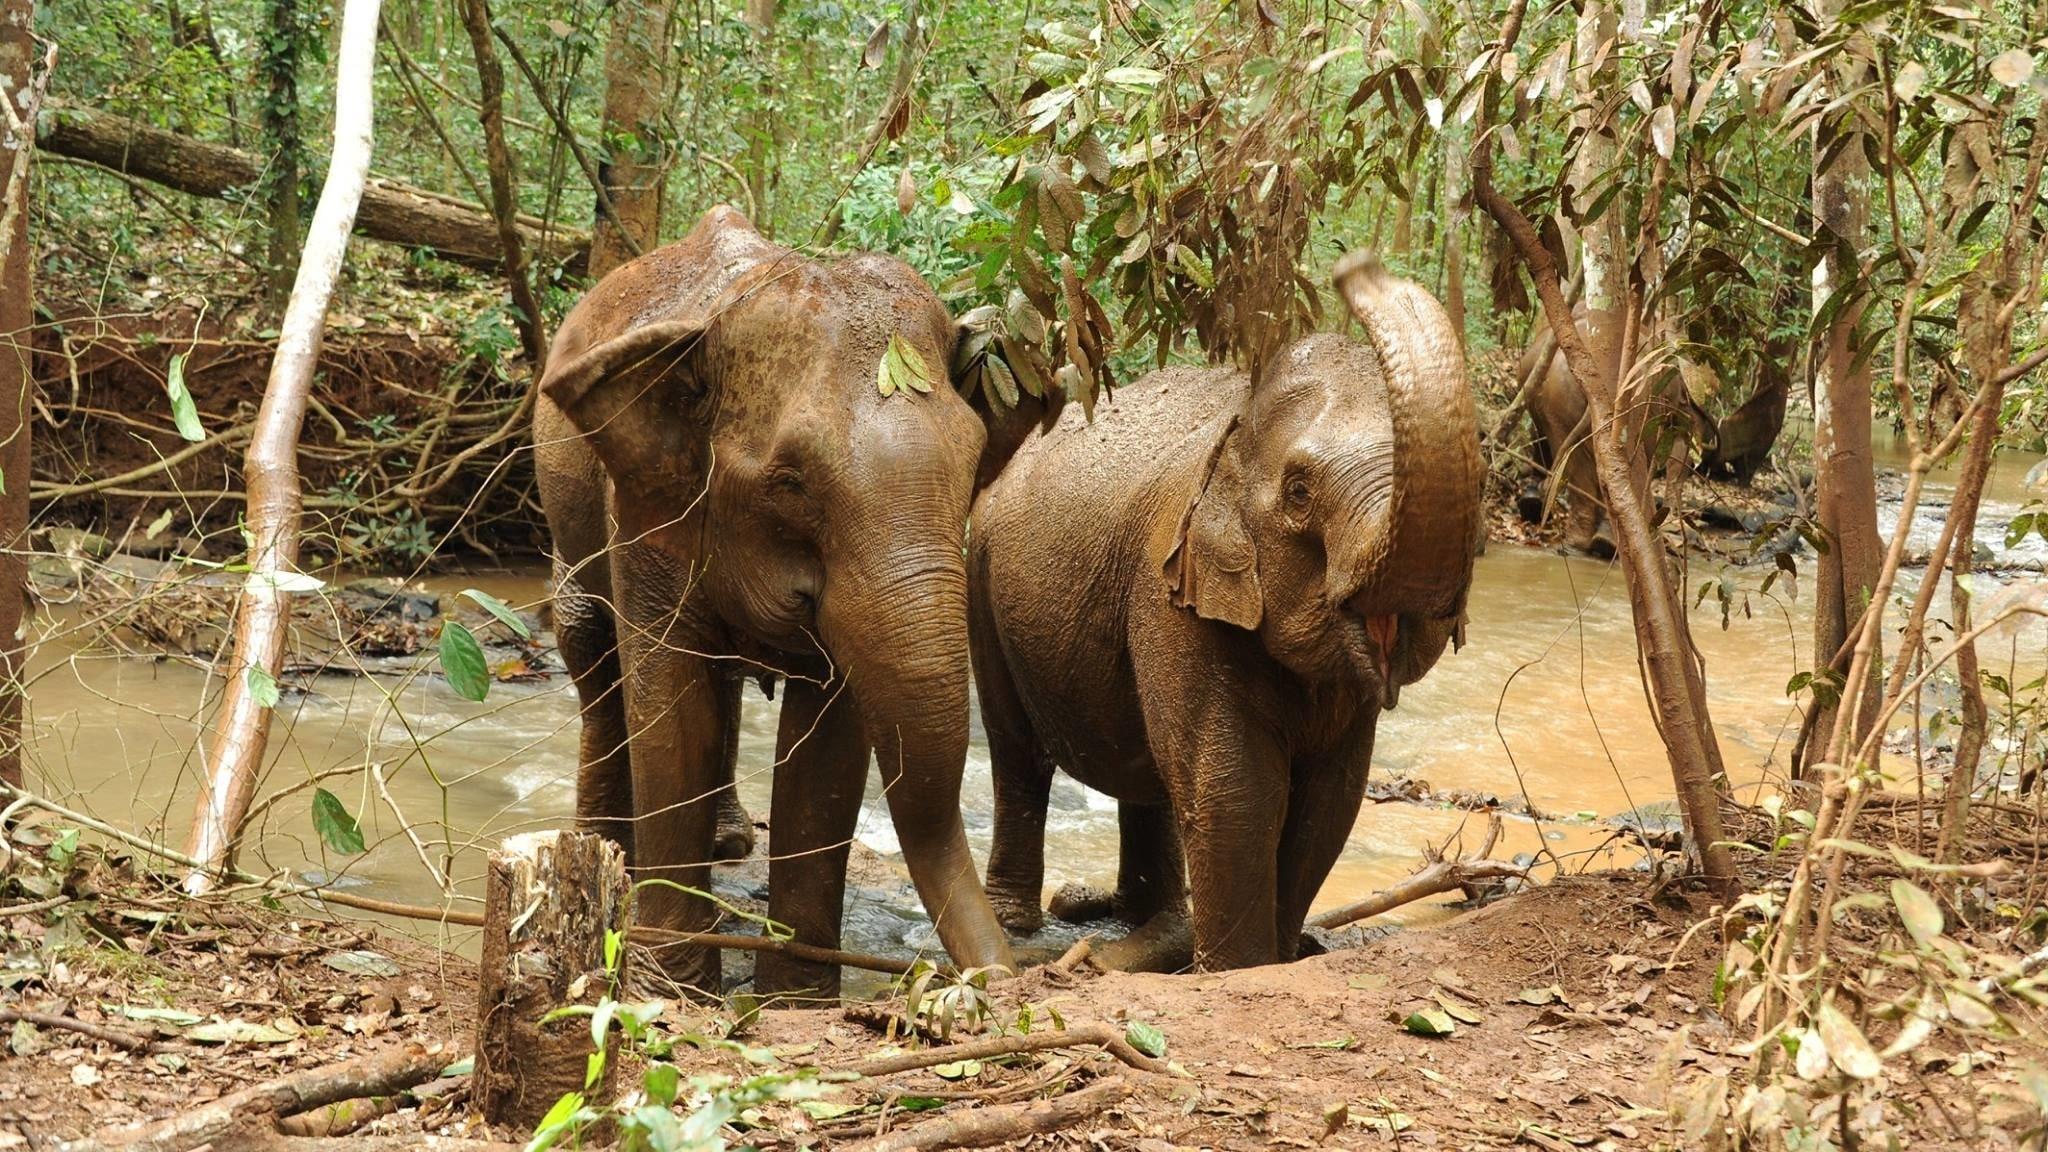 Elephant fun in the mud